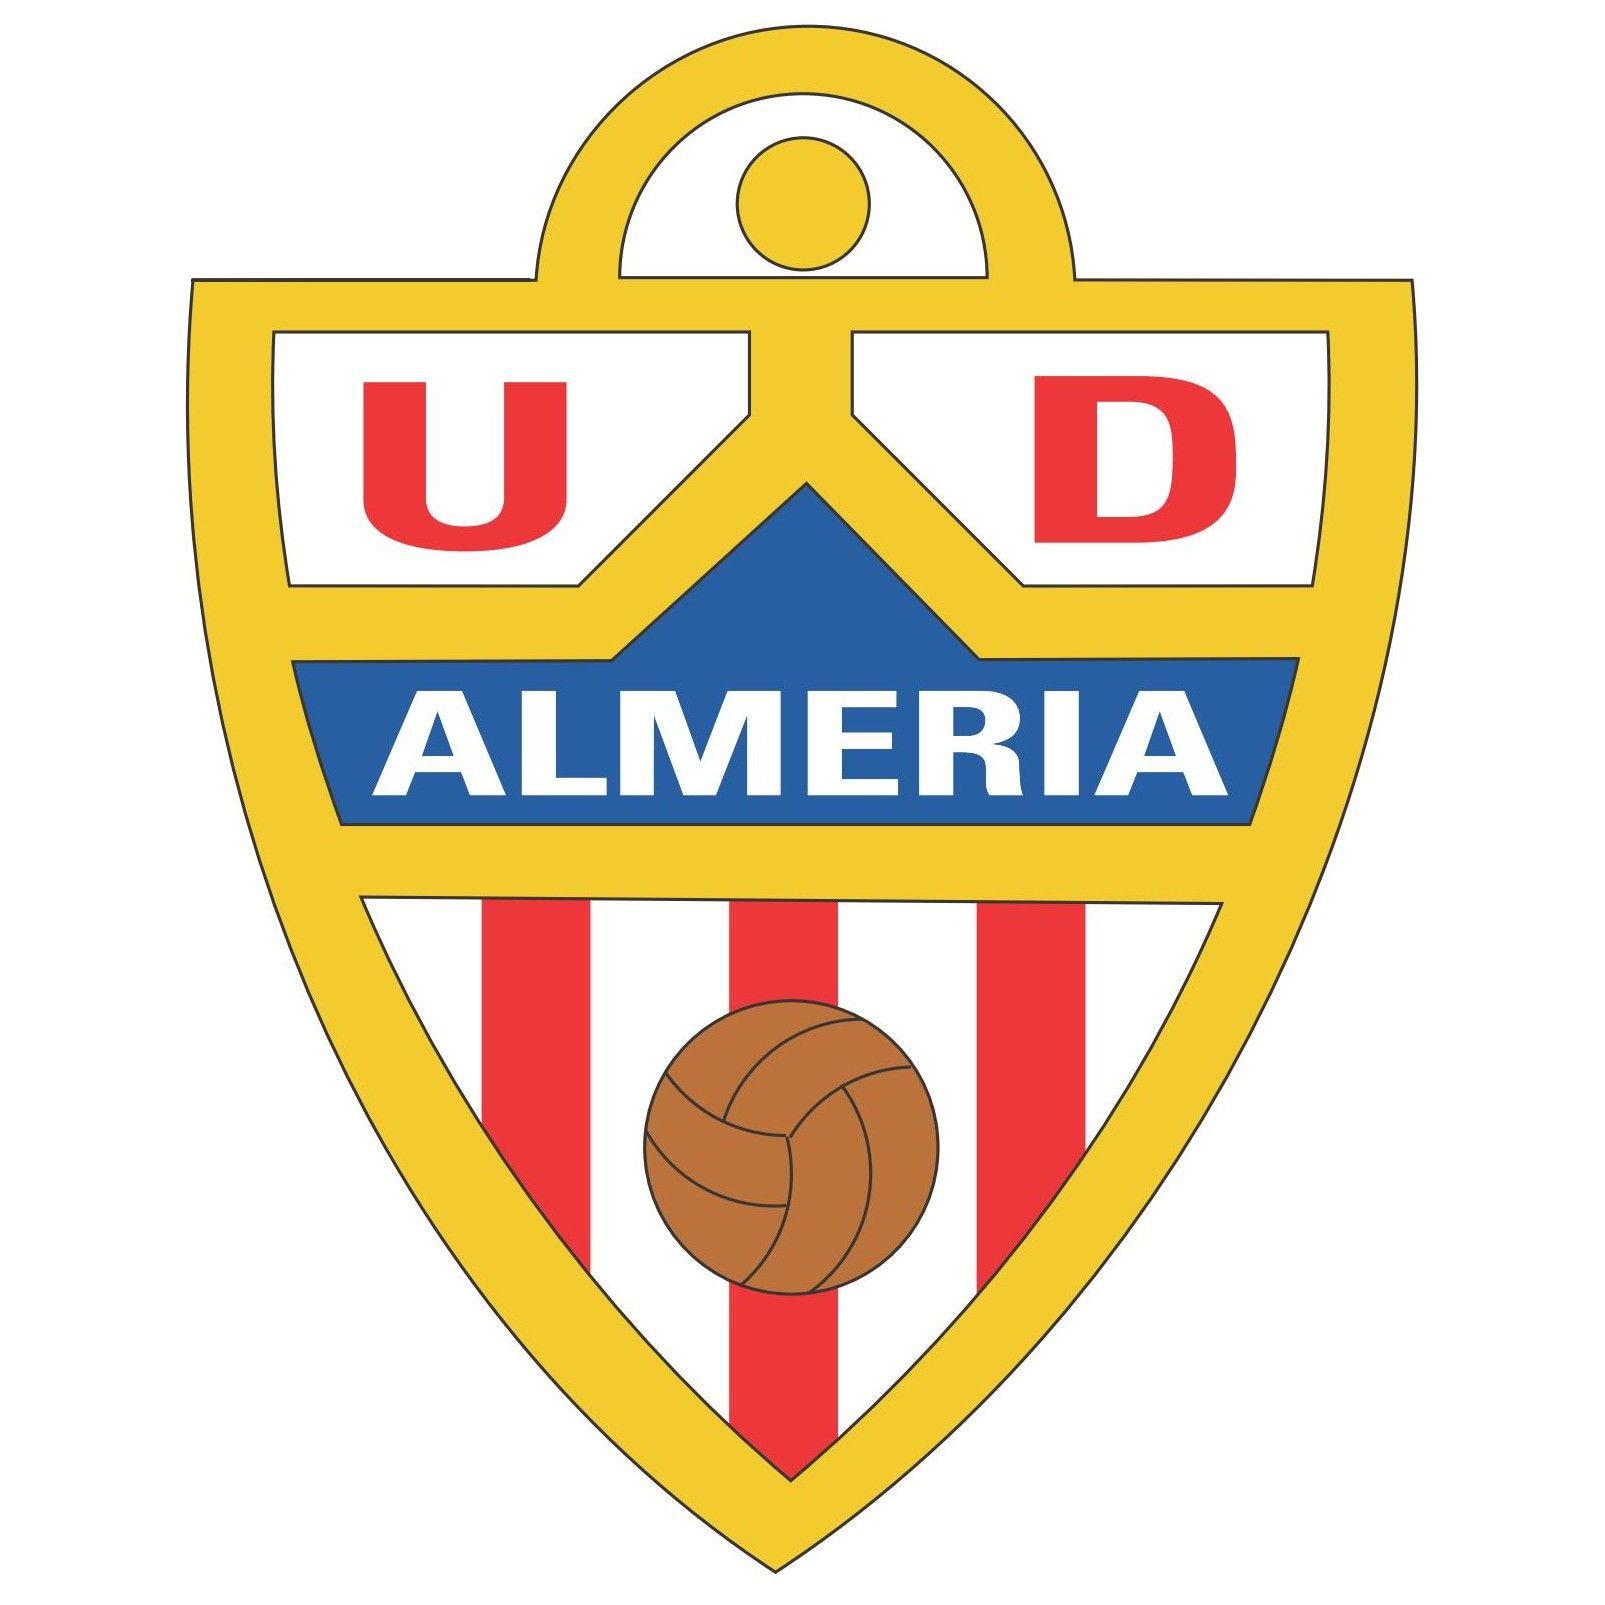 Cuánto pesa este escudo? | La Voz de Almería